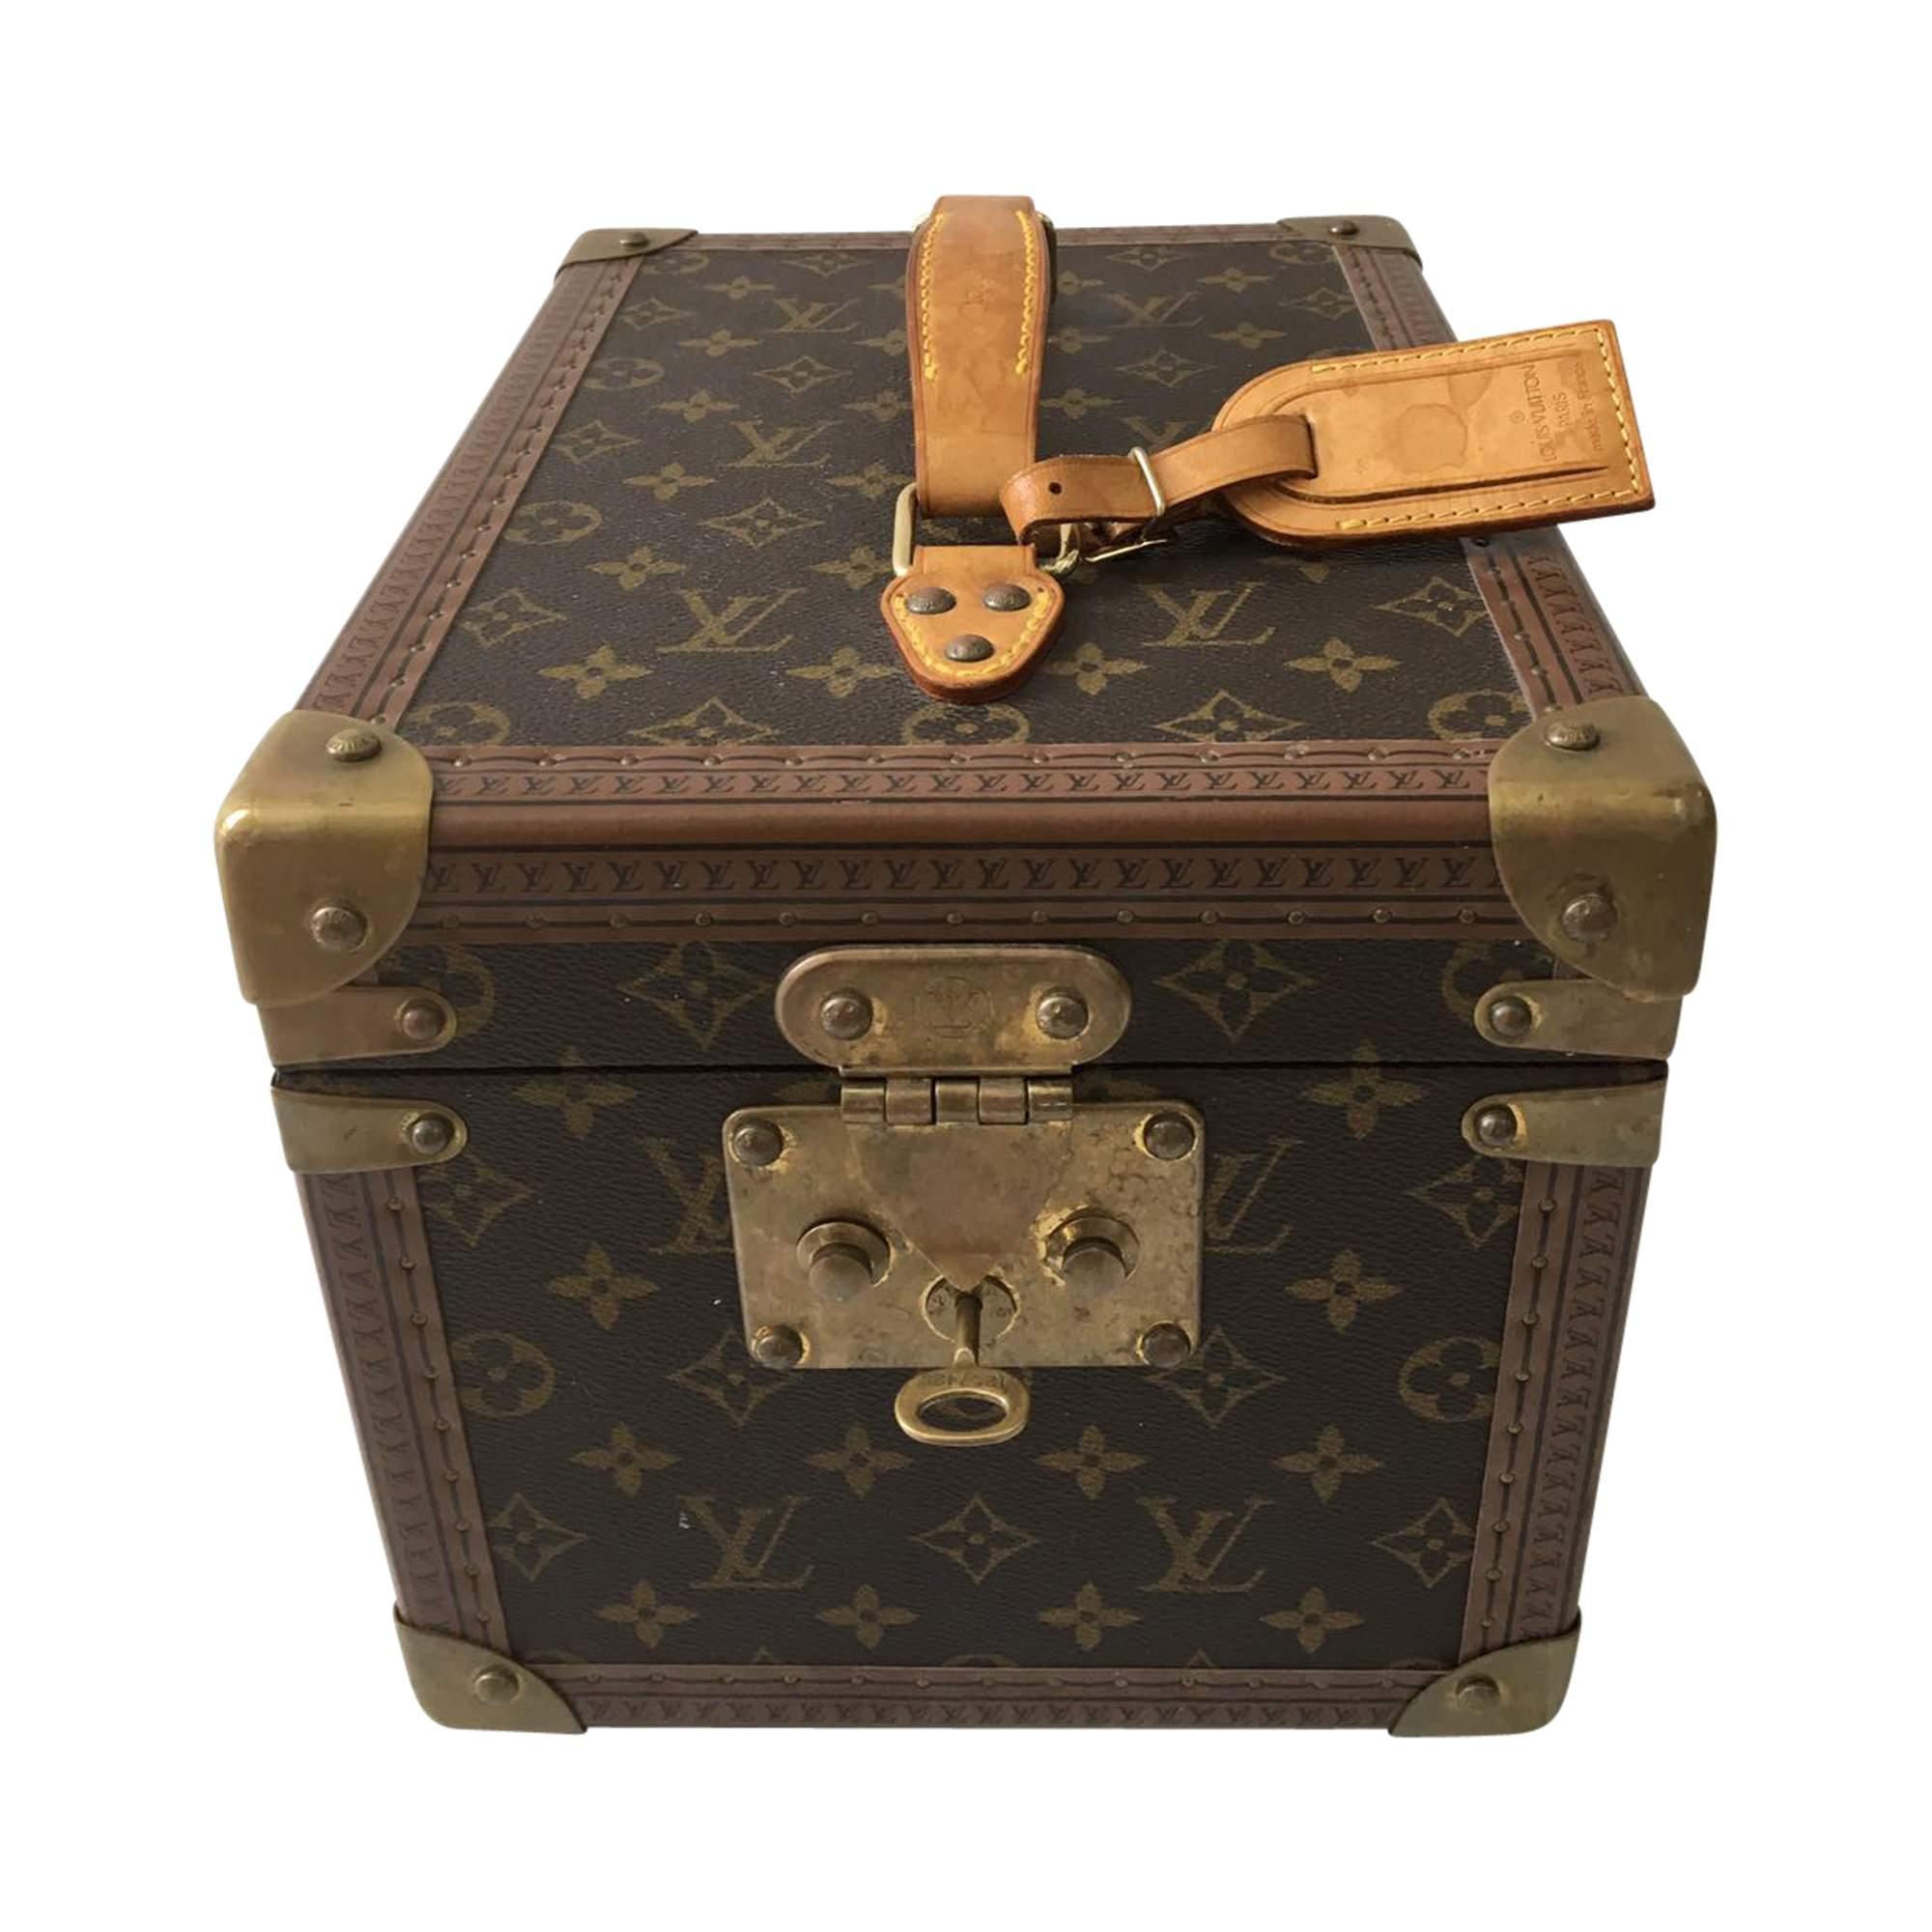 finest selection c0d34 5e3c3 Louis Vuitton Beauty Case   The Chic Selection